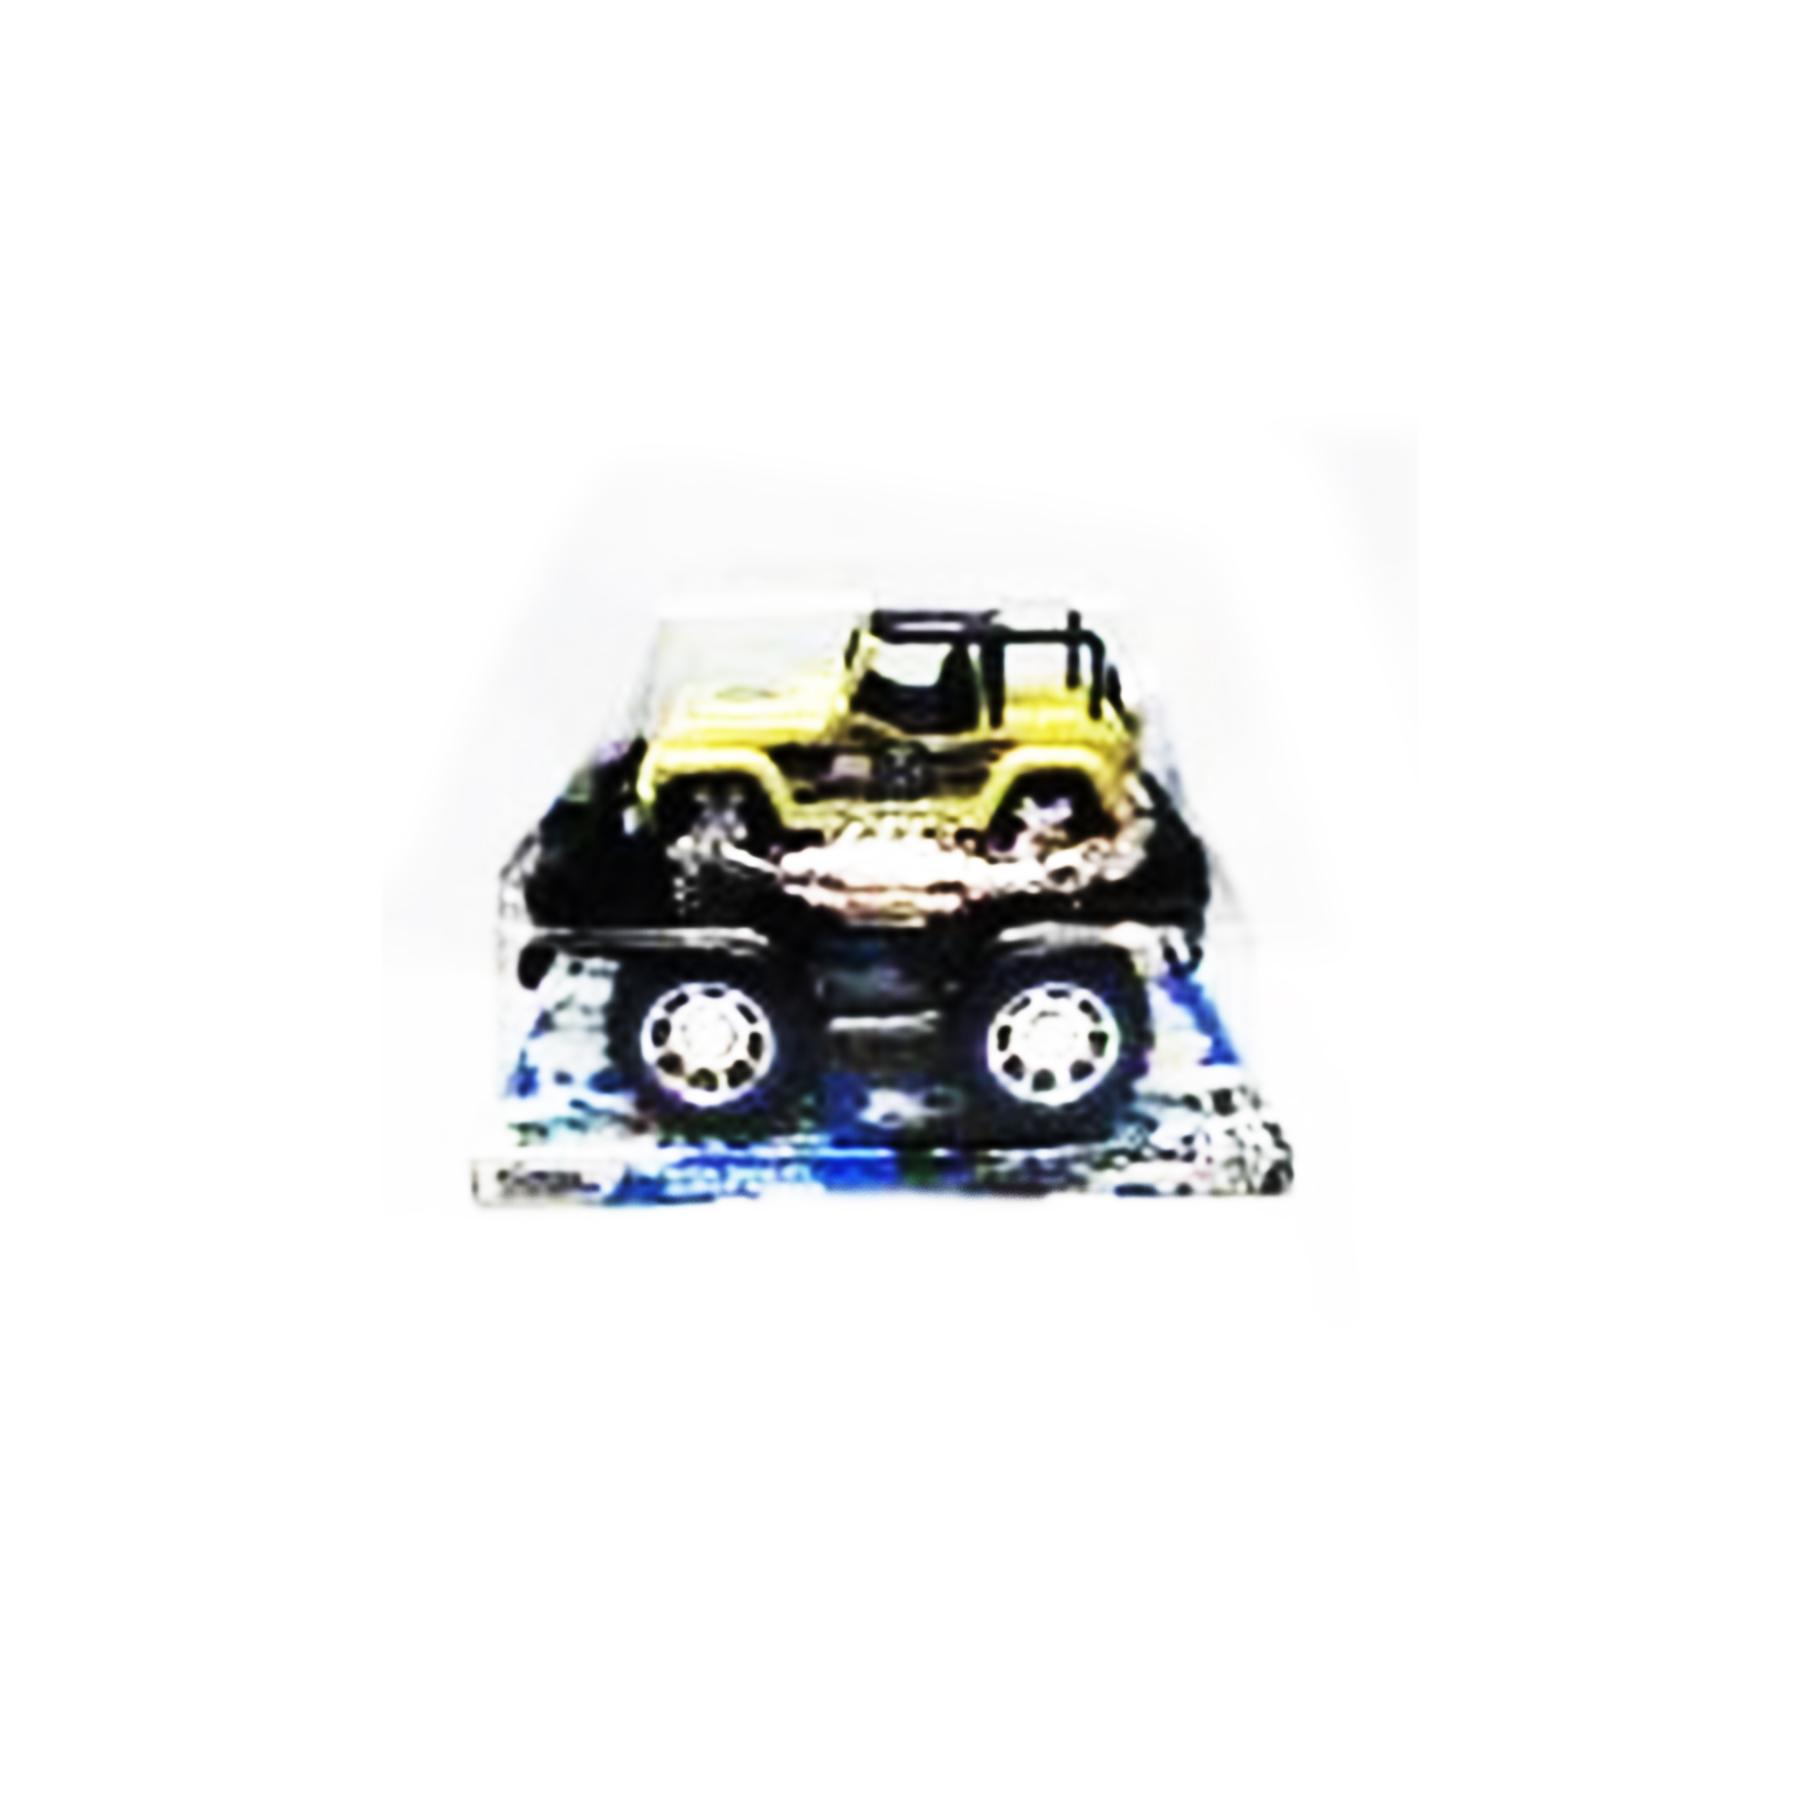 Автомобиль пластмассовый механический 9959-4 (470004)